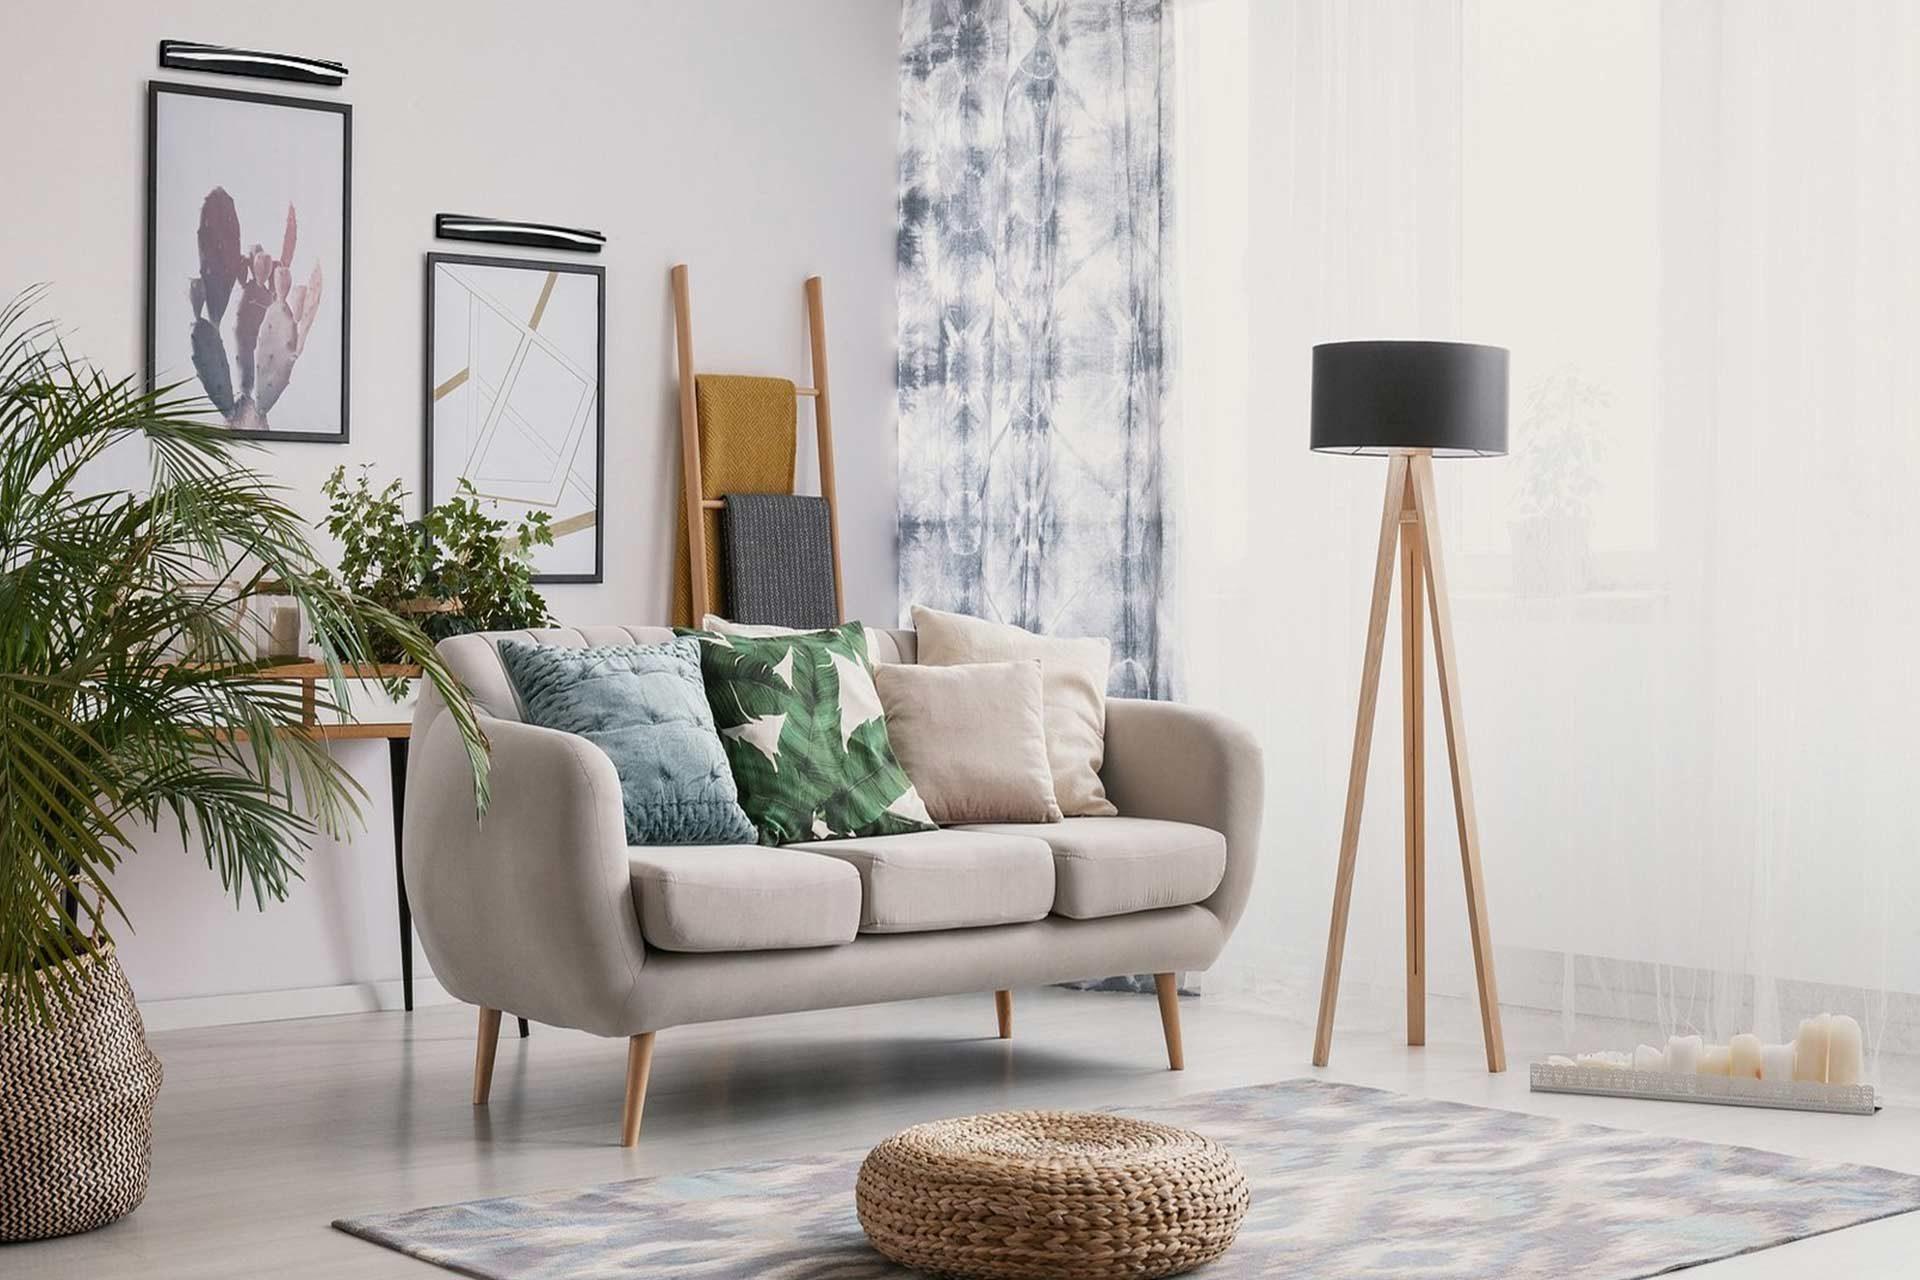 Arredamento stile minimal: 4 idee per il tuo soggiorno